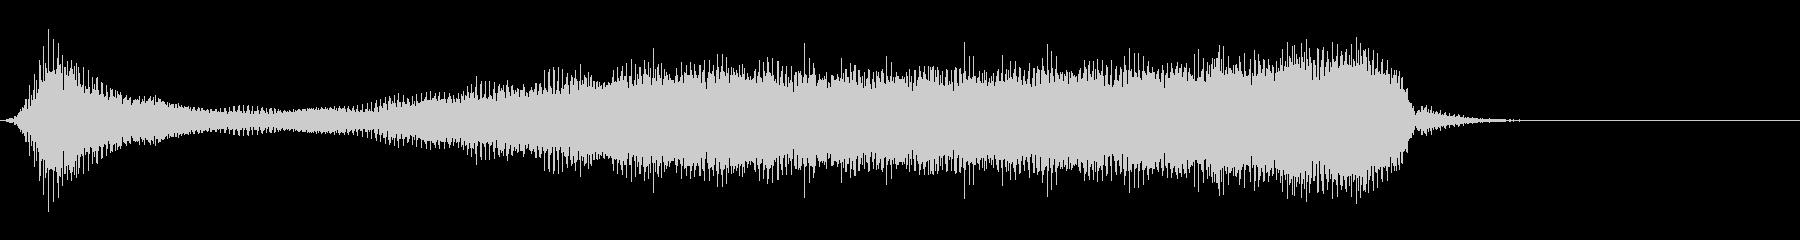 ハーモニカ:スローコードアクセント...の未再生の波形